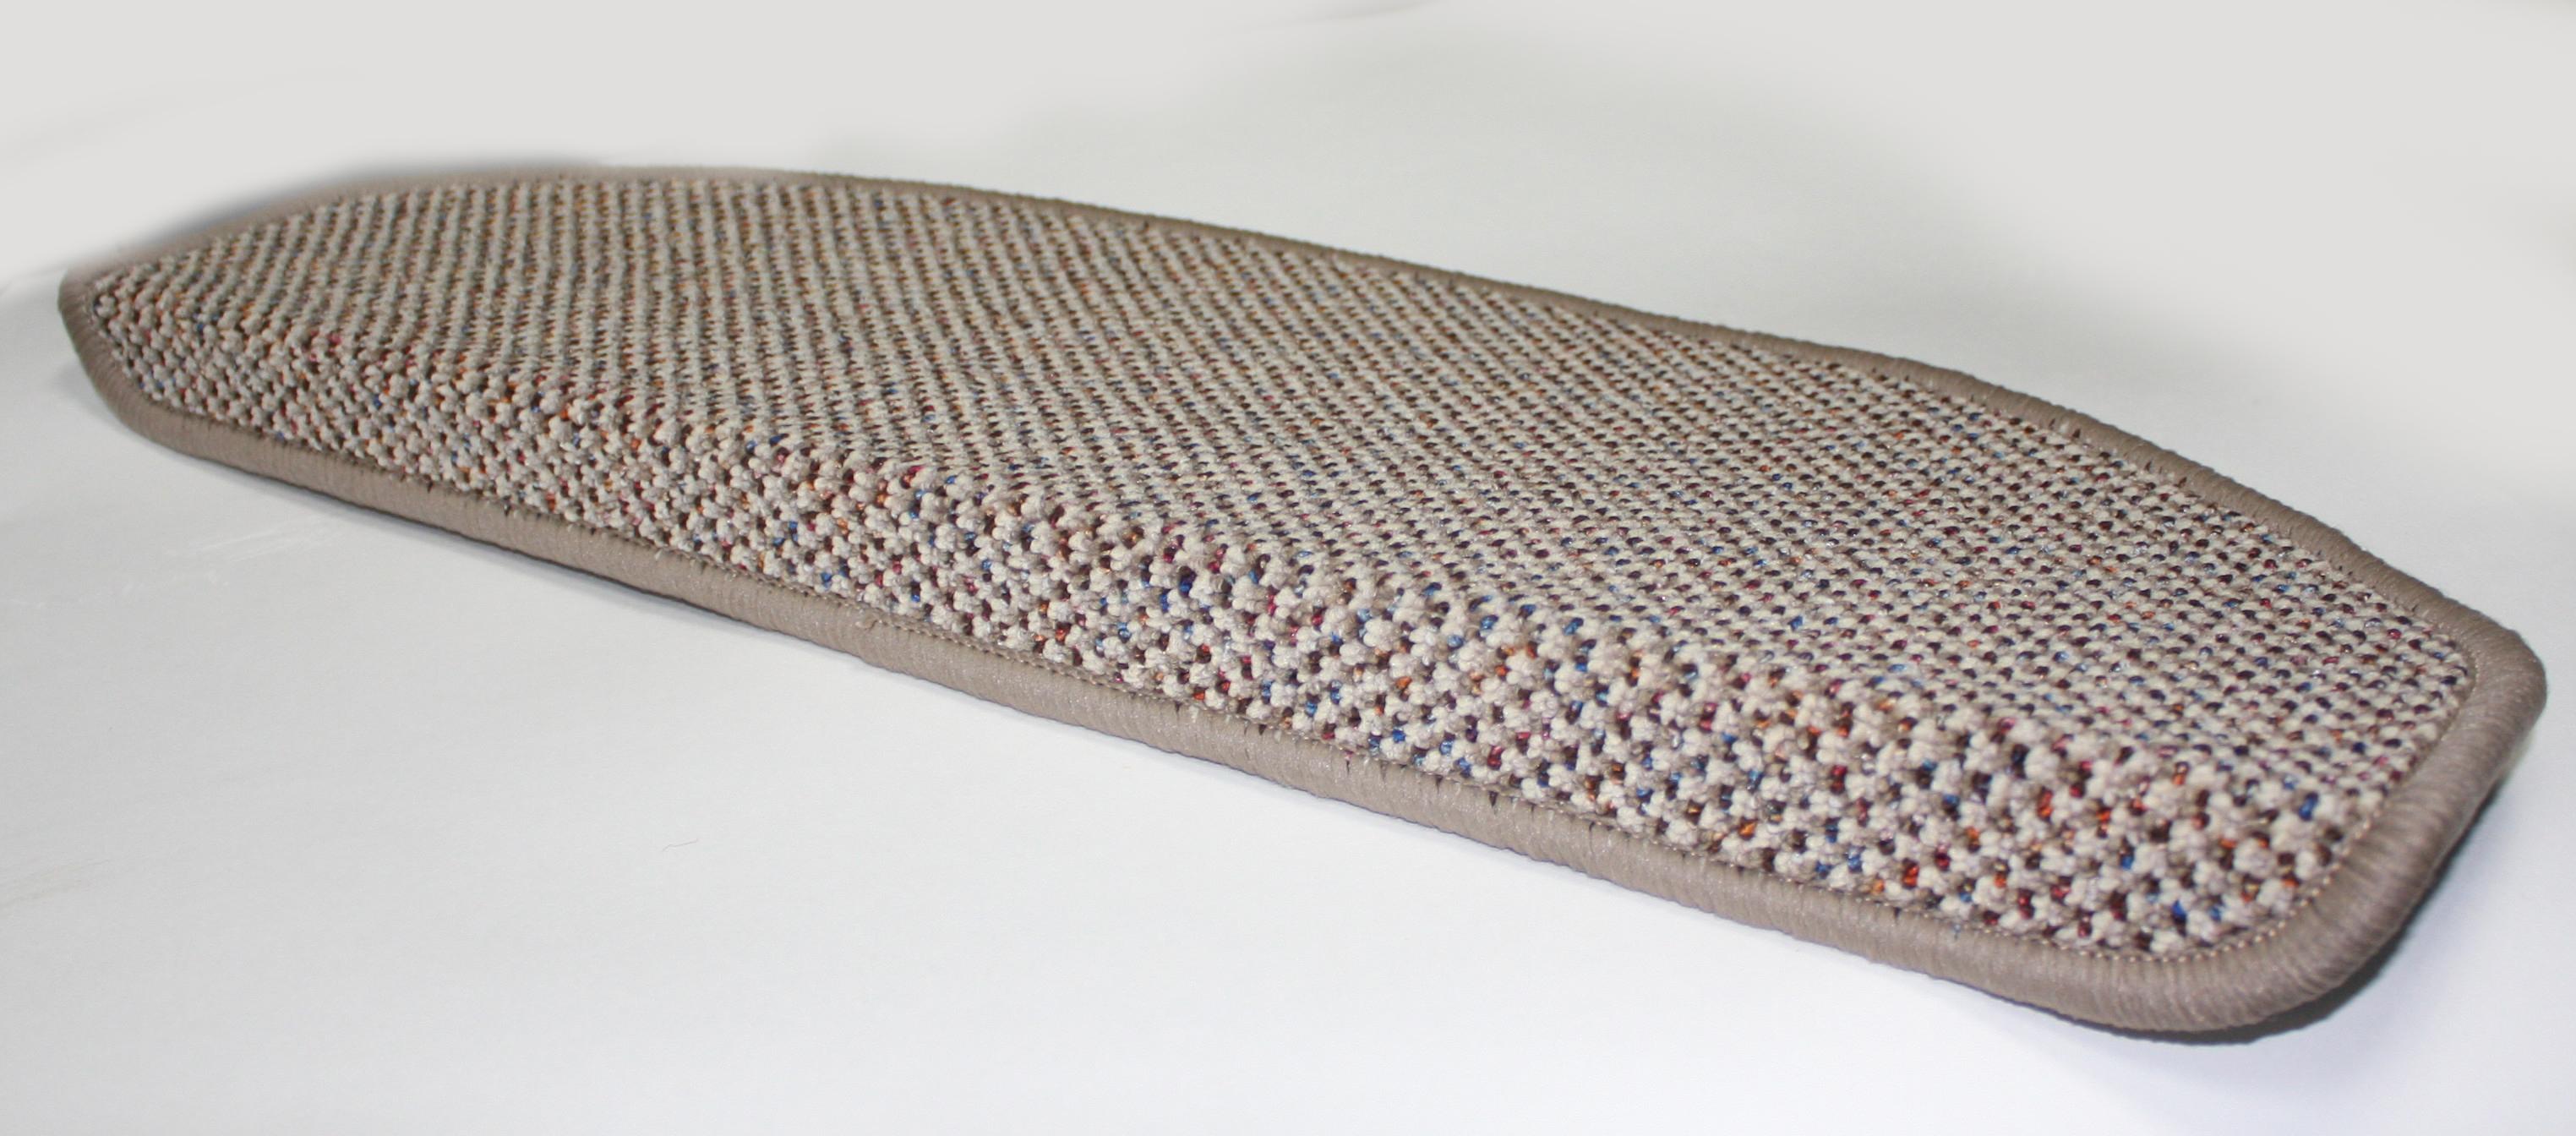 Защитный коврик Велий Форест 106, серый защитный коврик велий хеопс 22 зеленый